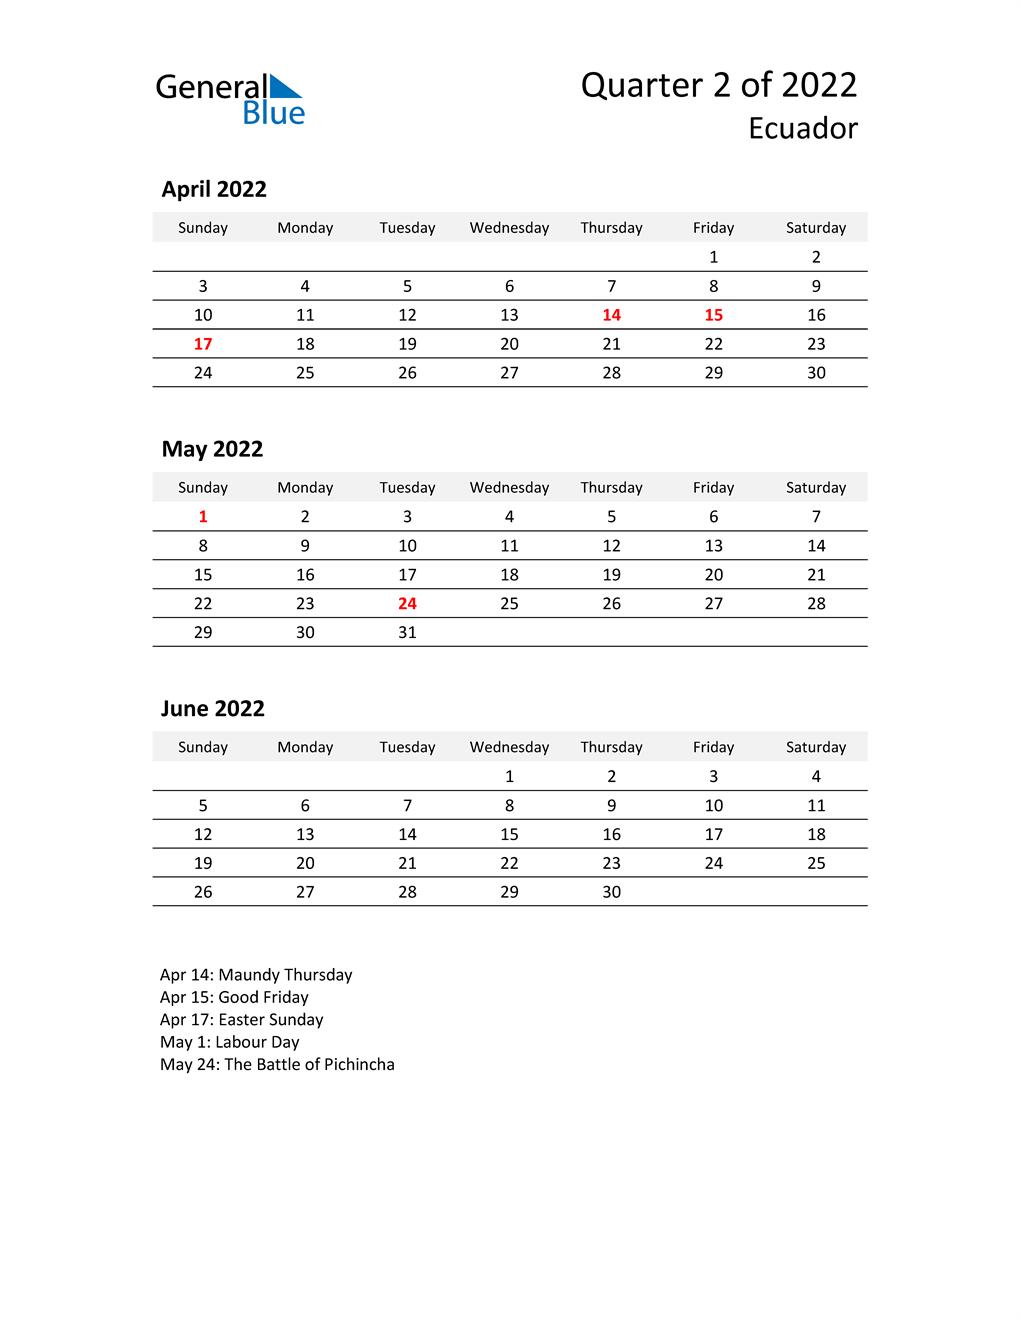 2022 Three-Month Calendar for Ecuador